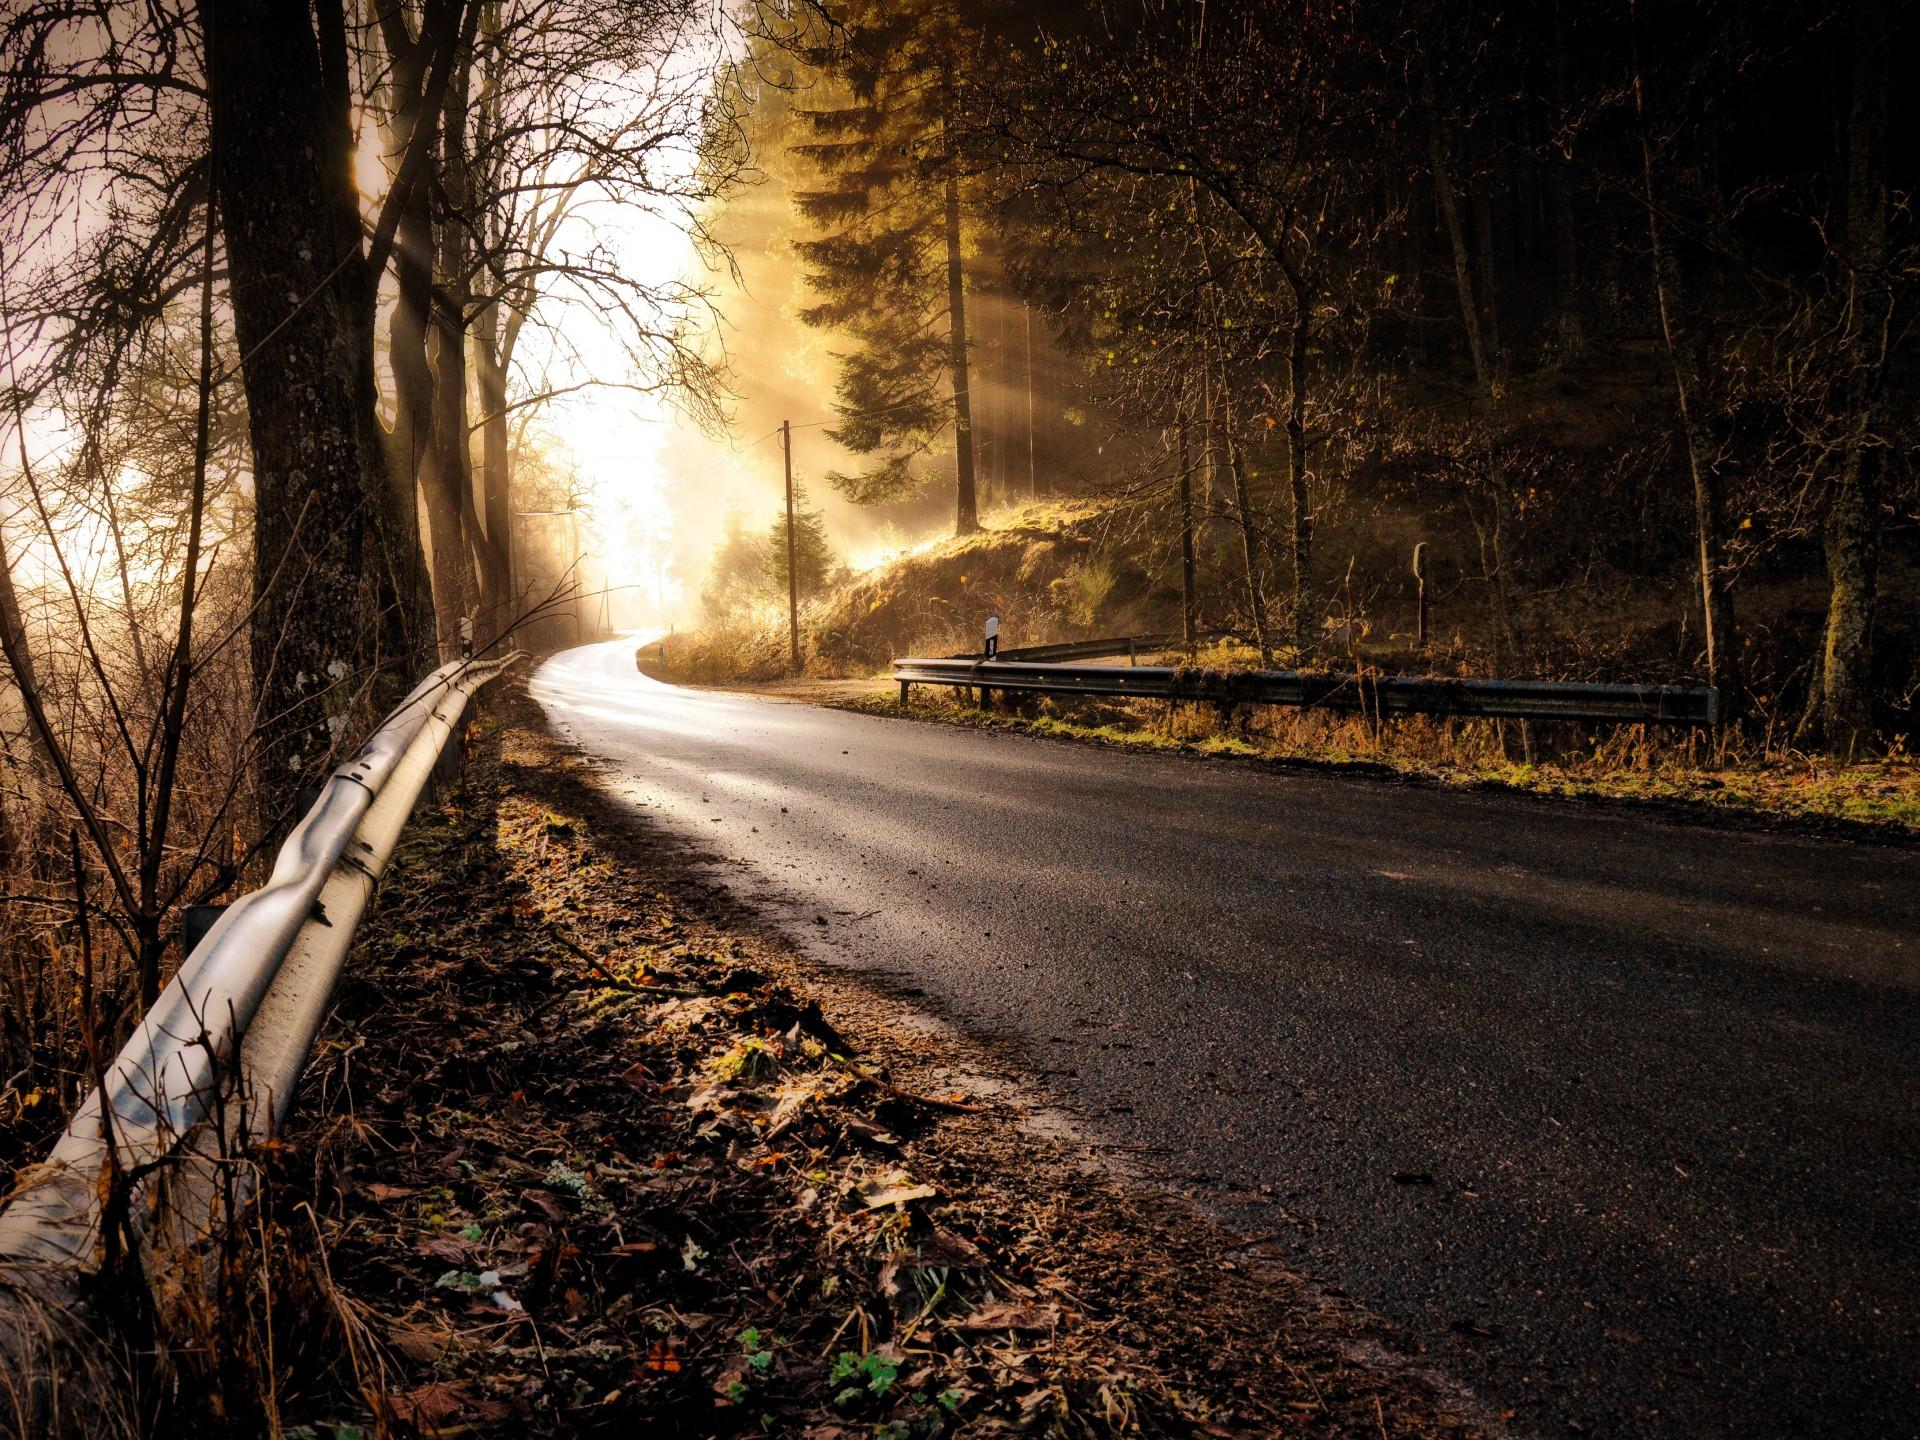 Breves consejos para una navidad segura en carretera